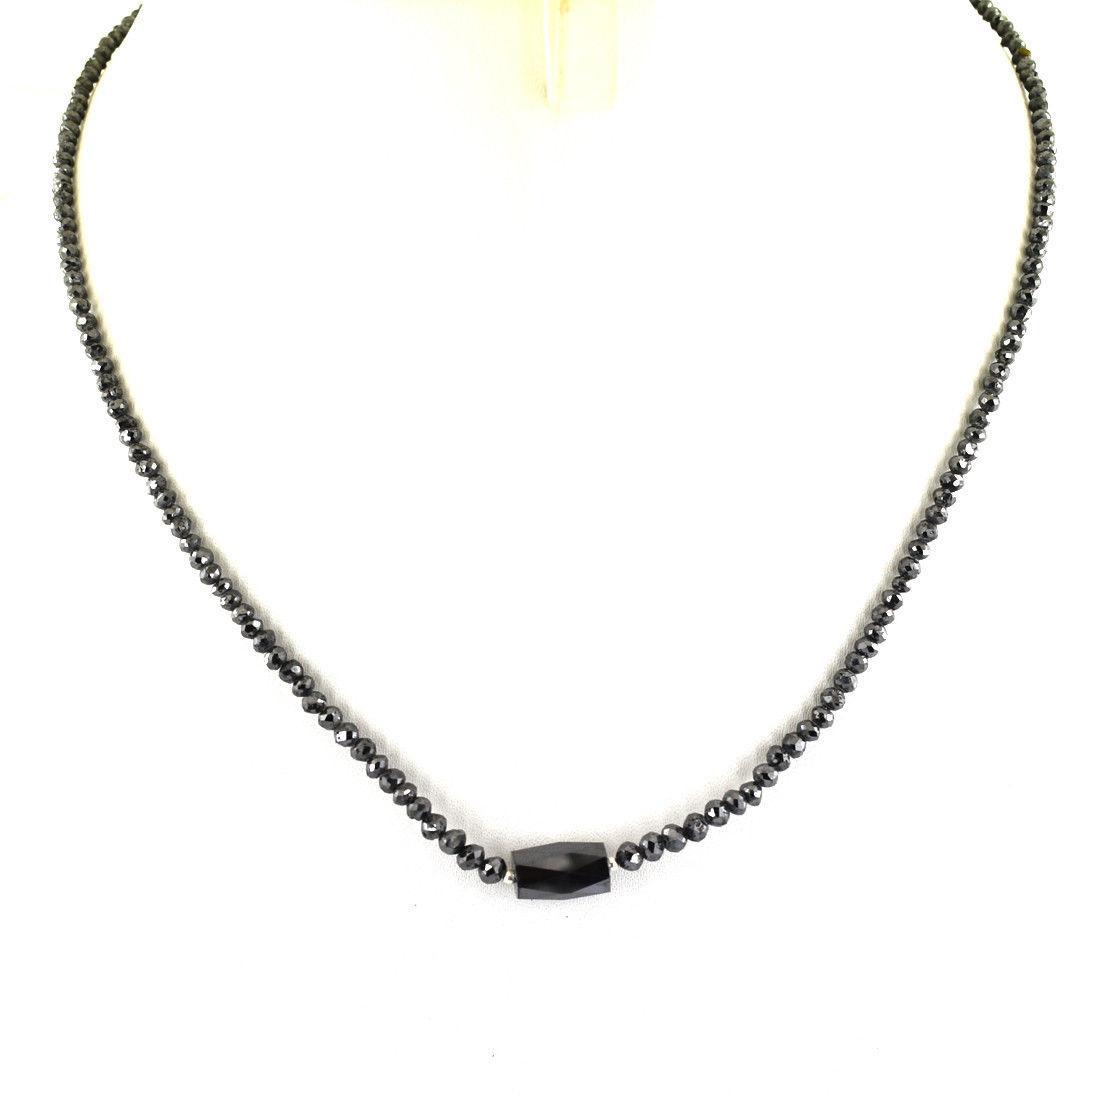 Кольє , намиста 2 мм чорний діамант . Довжина 43 см .Сертифікат